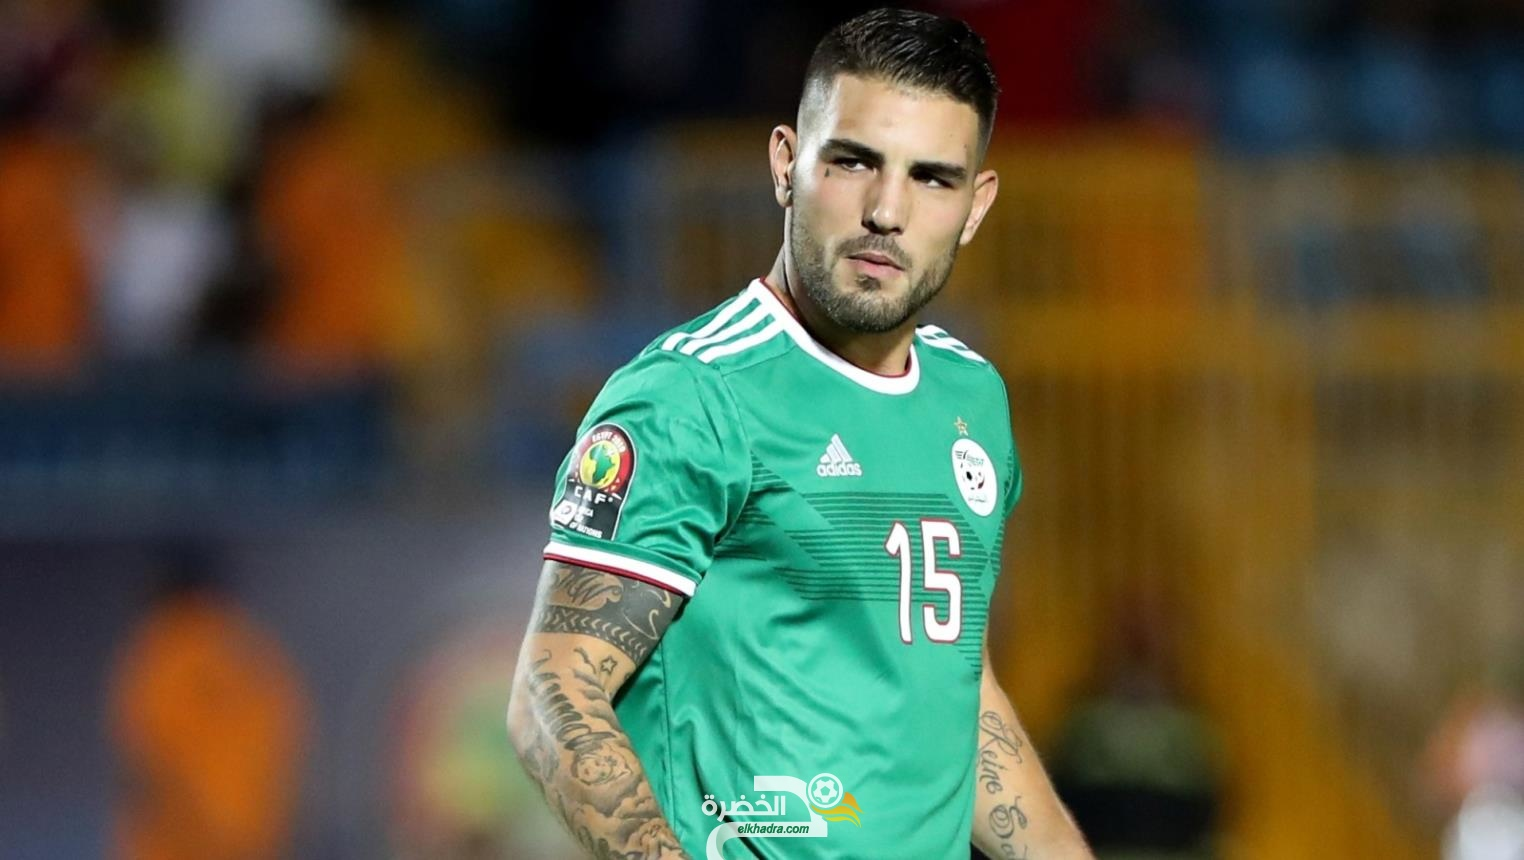 """ديلور :""""حب الجزائريين لي شيء رائع، لا يسعني إلا أن أشكرهم"""" 33"""